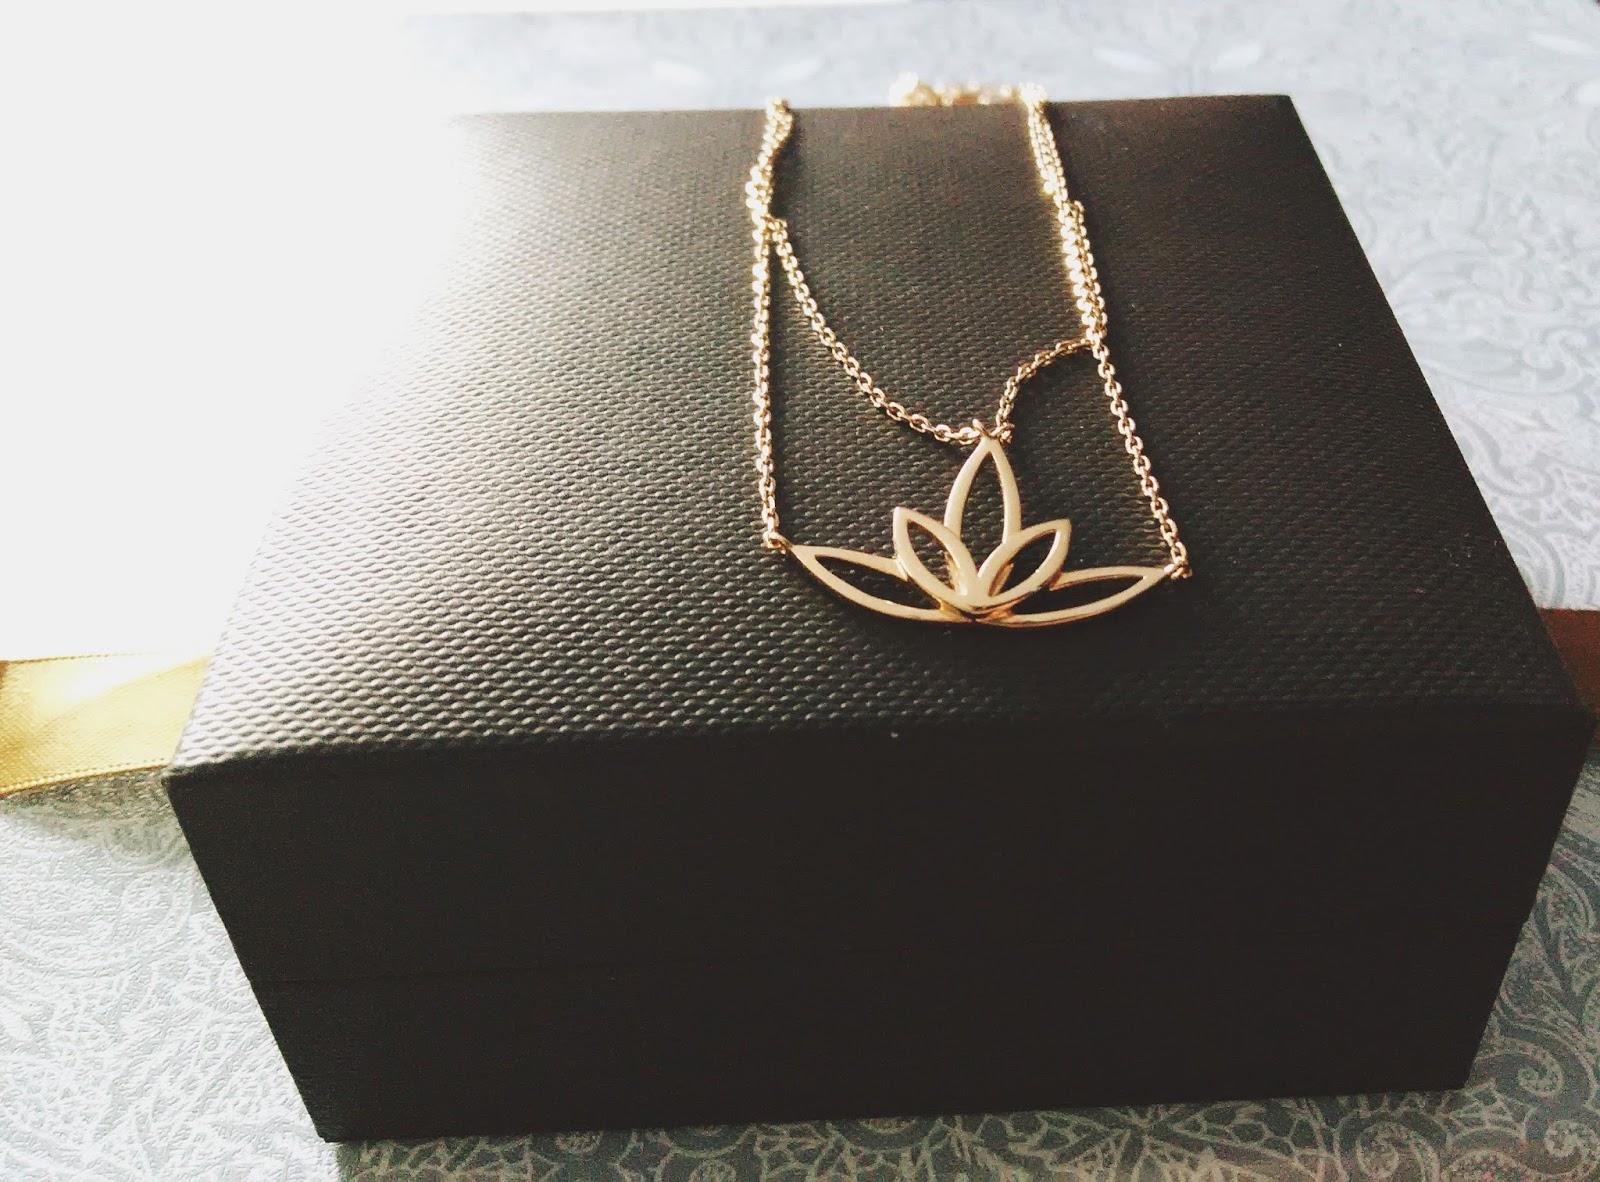 d0f812f42288af Wybrałam naszyjnik z mosiądzu złoconego bali. Zawieszka jest odwzorowaniem  kwitnącego kwiatu lotosu. Patrząc na niego od razu na myśl przychodzą  słoneczne ...